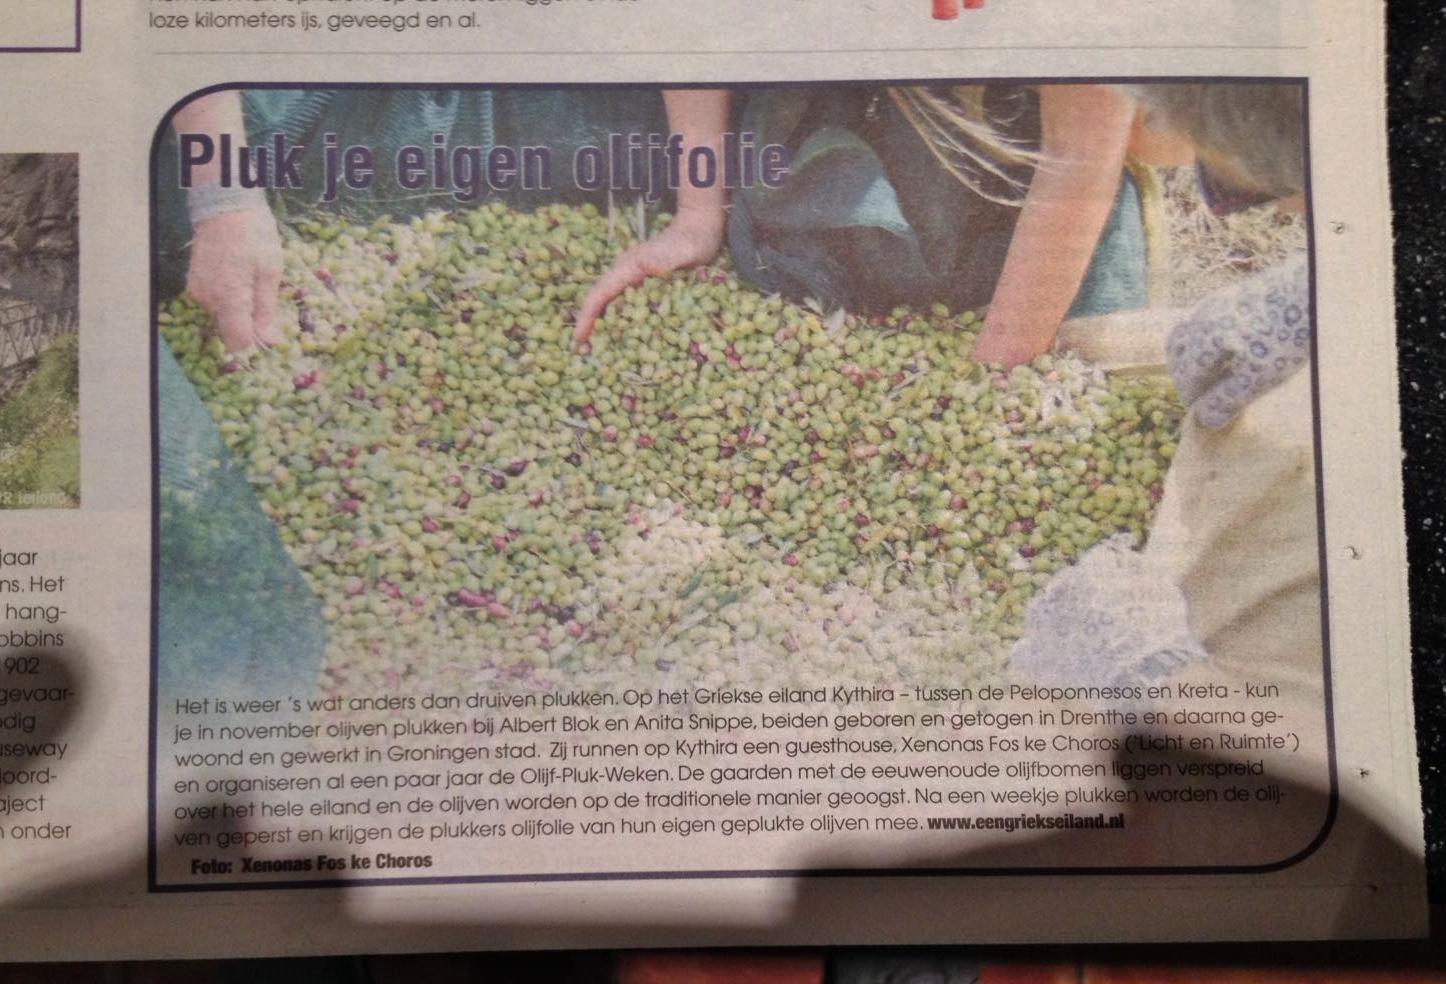 Pluk je eigen olijfolie, de olijf-pluk-weken op Kythira